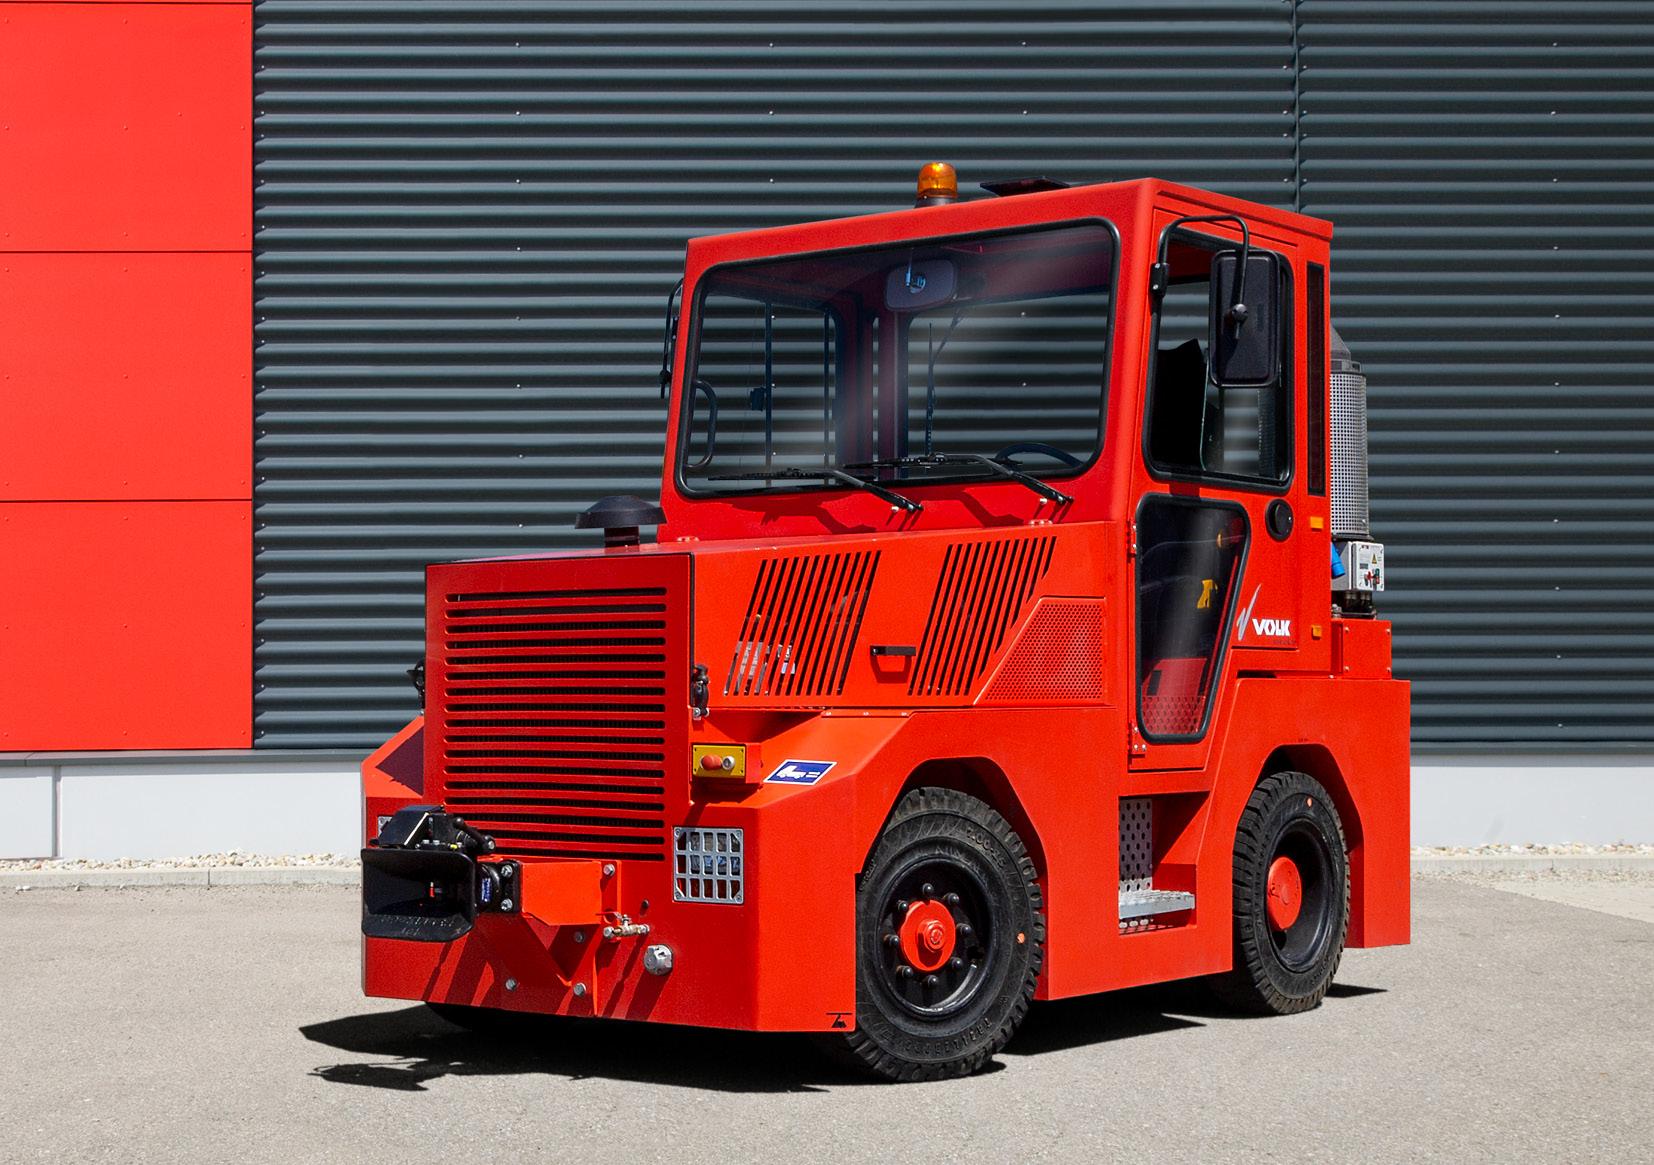 VOLK Dieselschlepper DFZ 100H